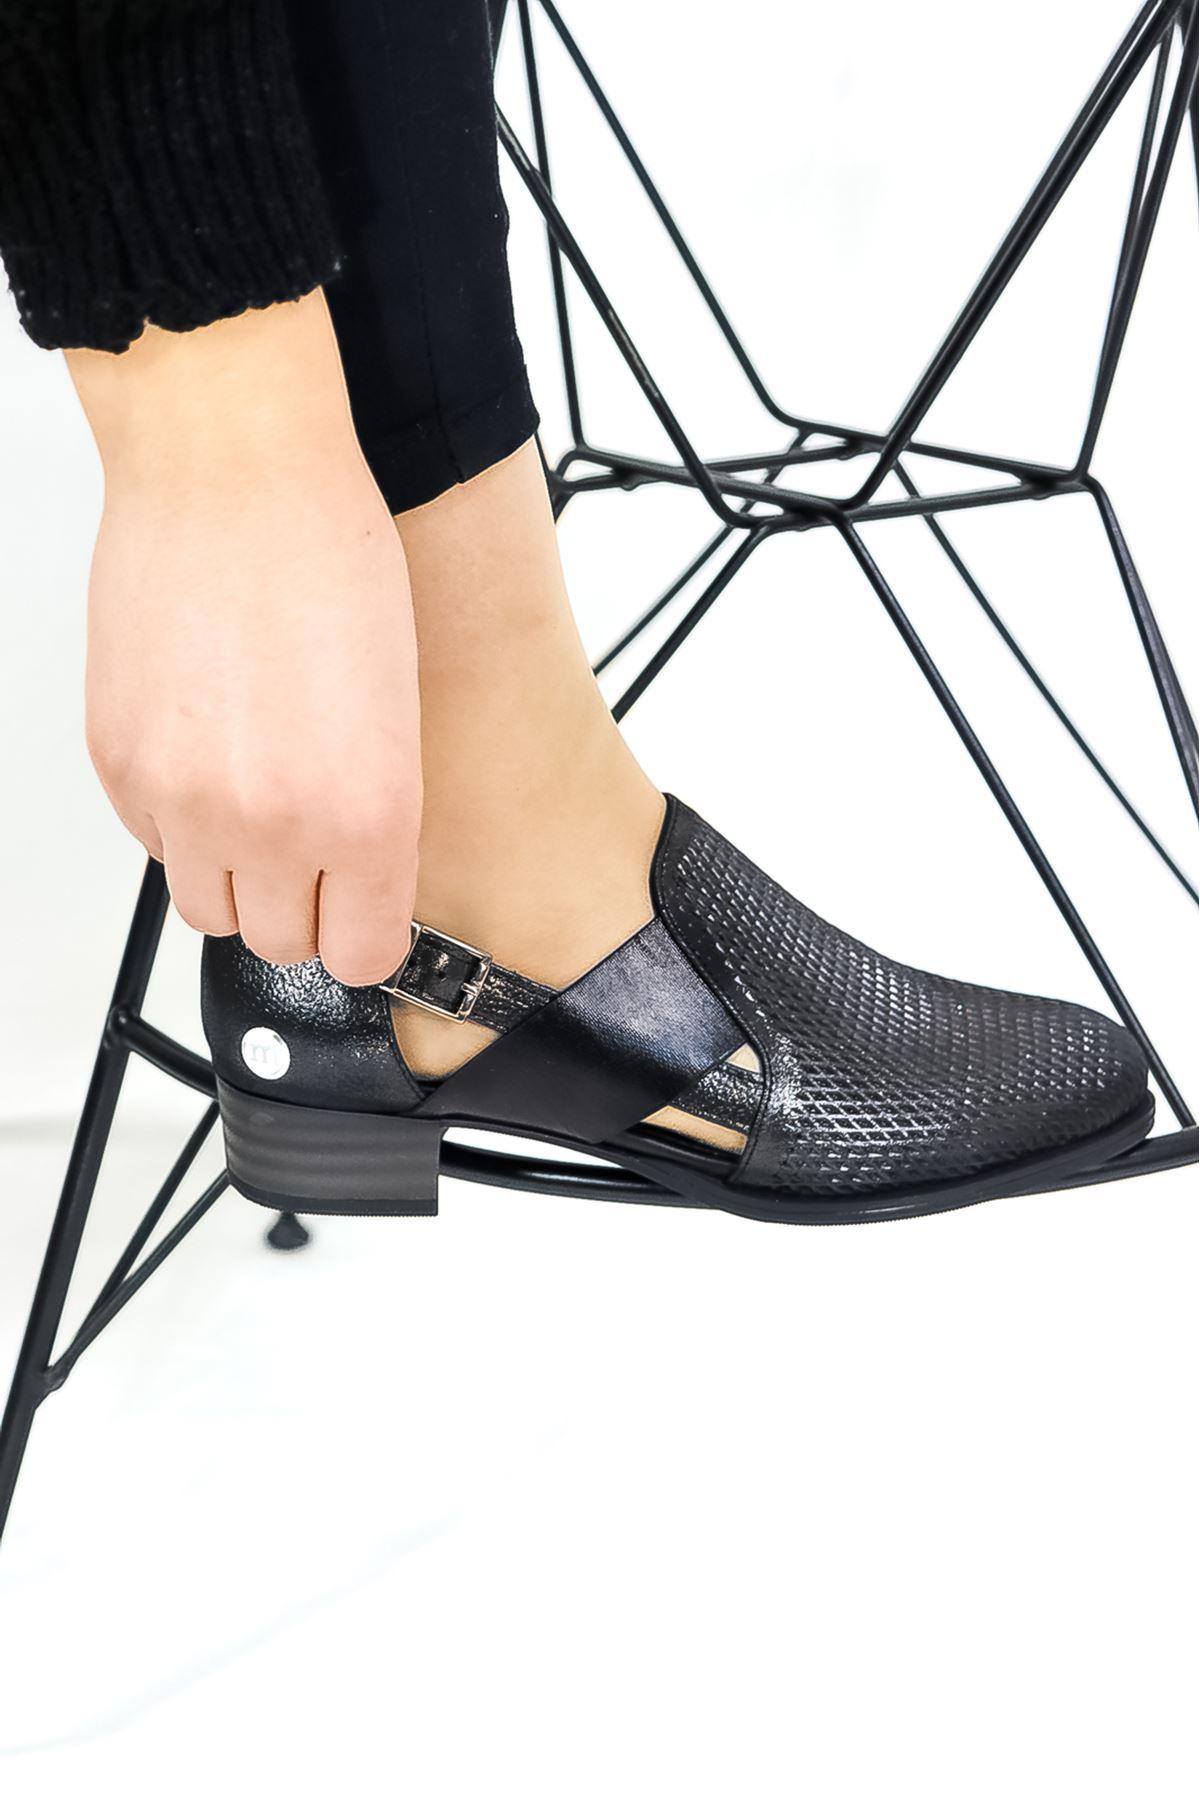 Mammamia - D21YA  - 445 Çelik Simli Kadın Ayakkabısı